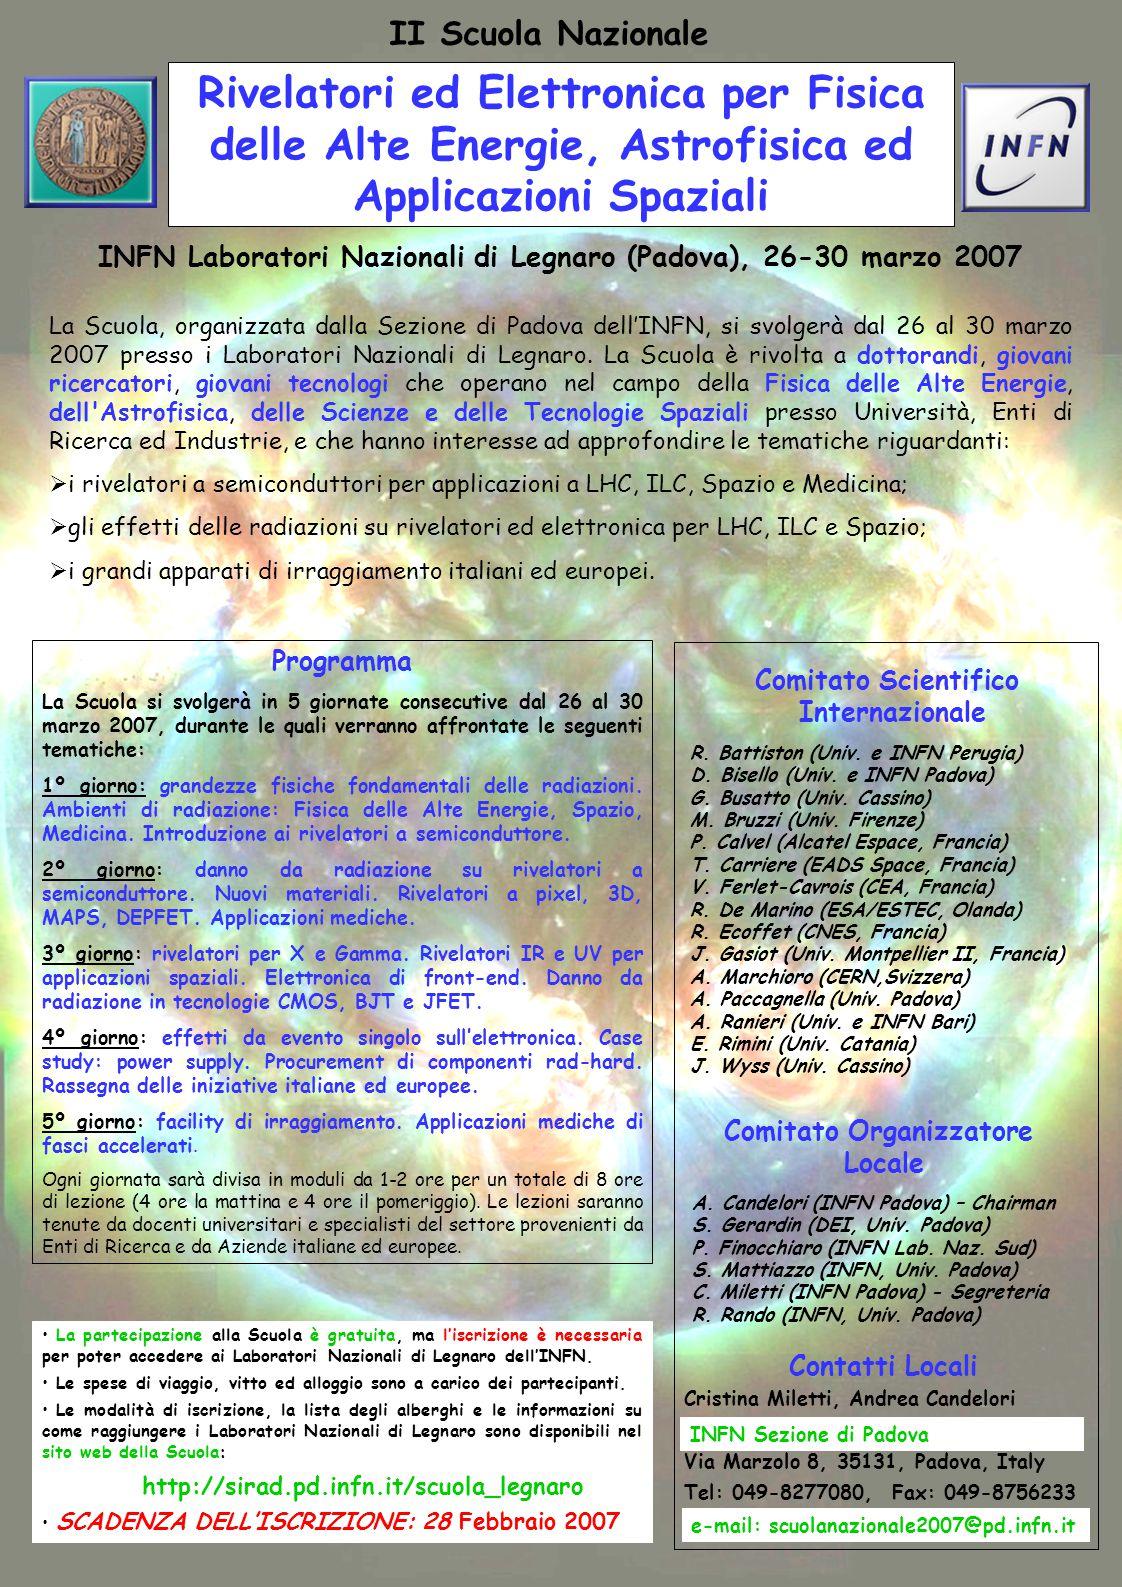 Rivelatori ed Elettronica per Fisica delle Alte Energie, Astrofisica ed Applicazioni Spaziali II Scuola Nazionale INFN Laboratori Nazionali di Legnaro